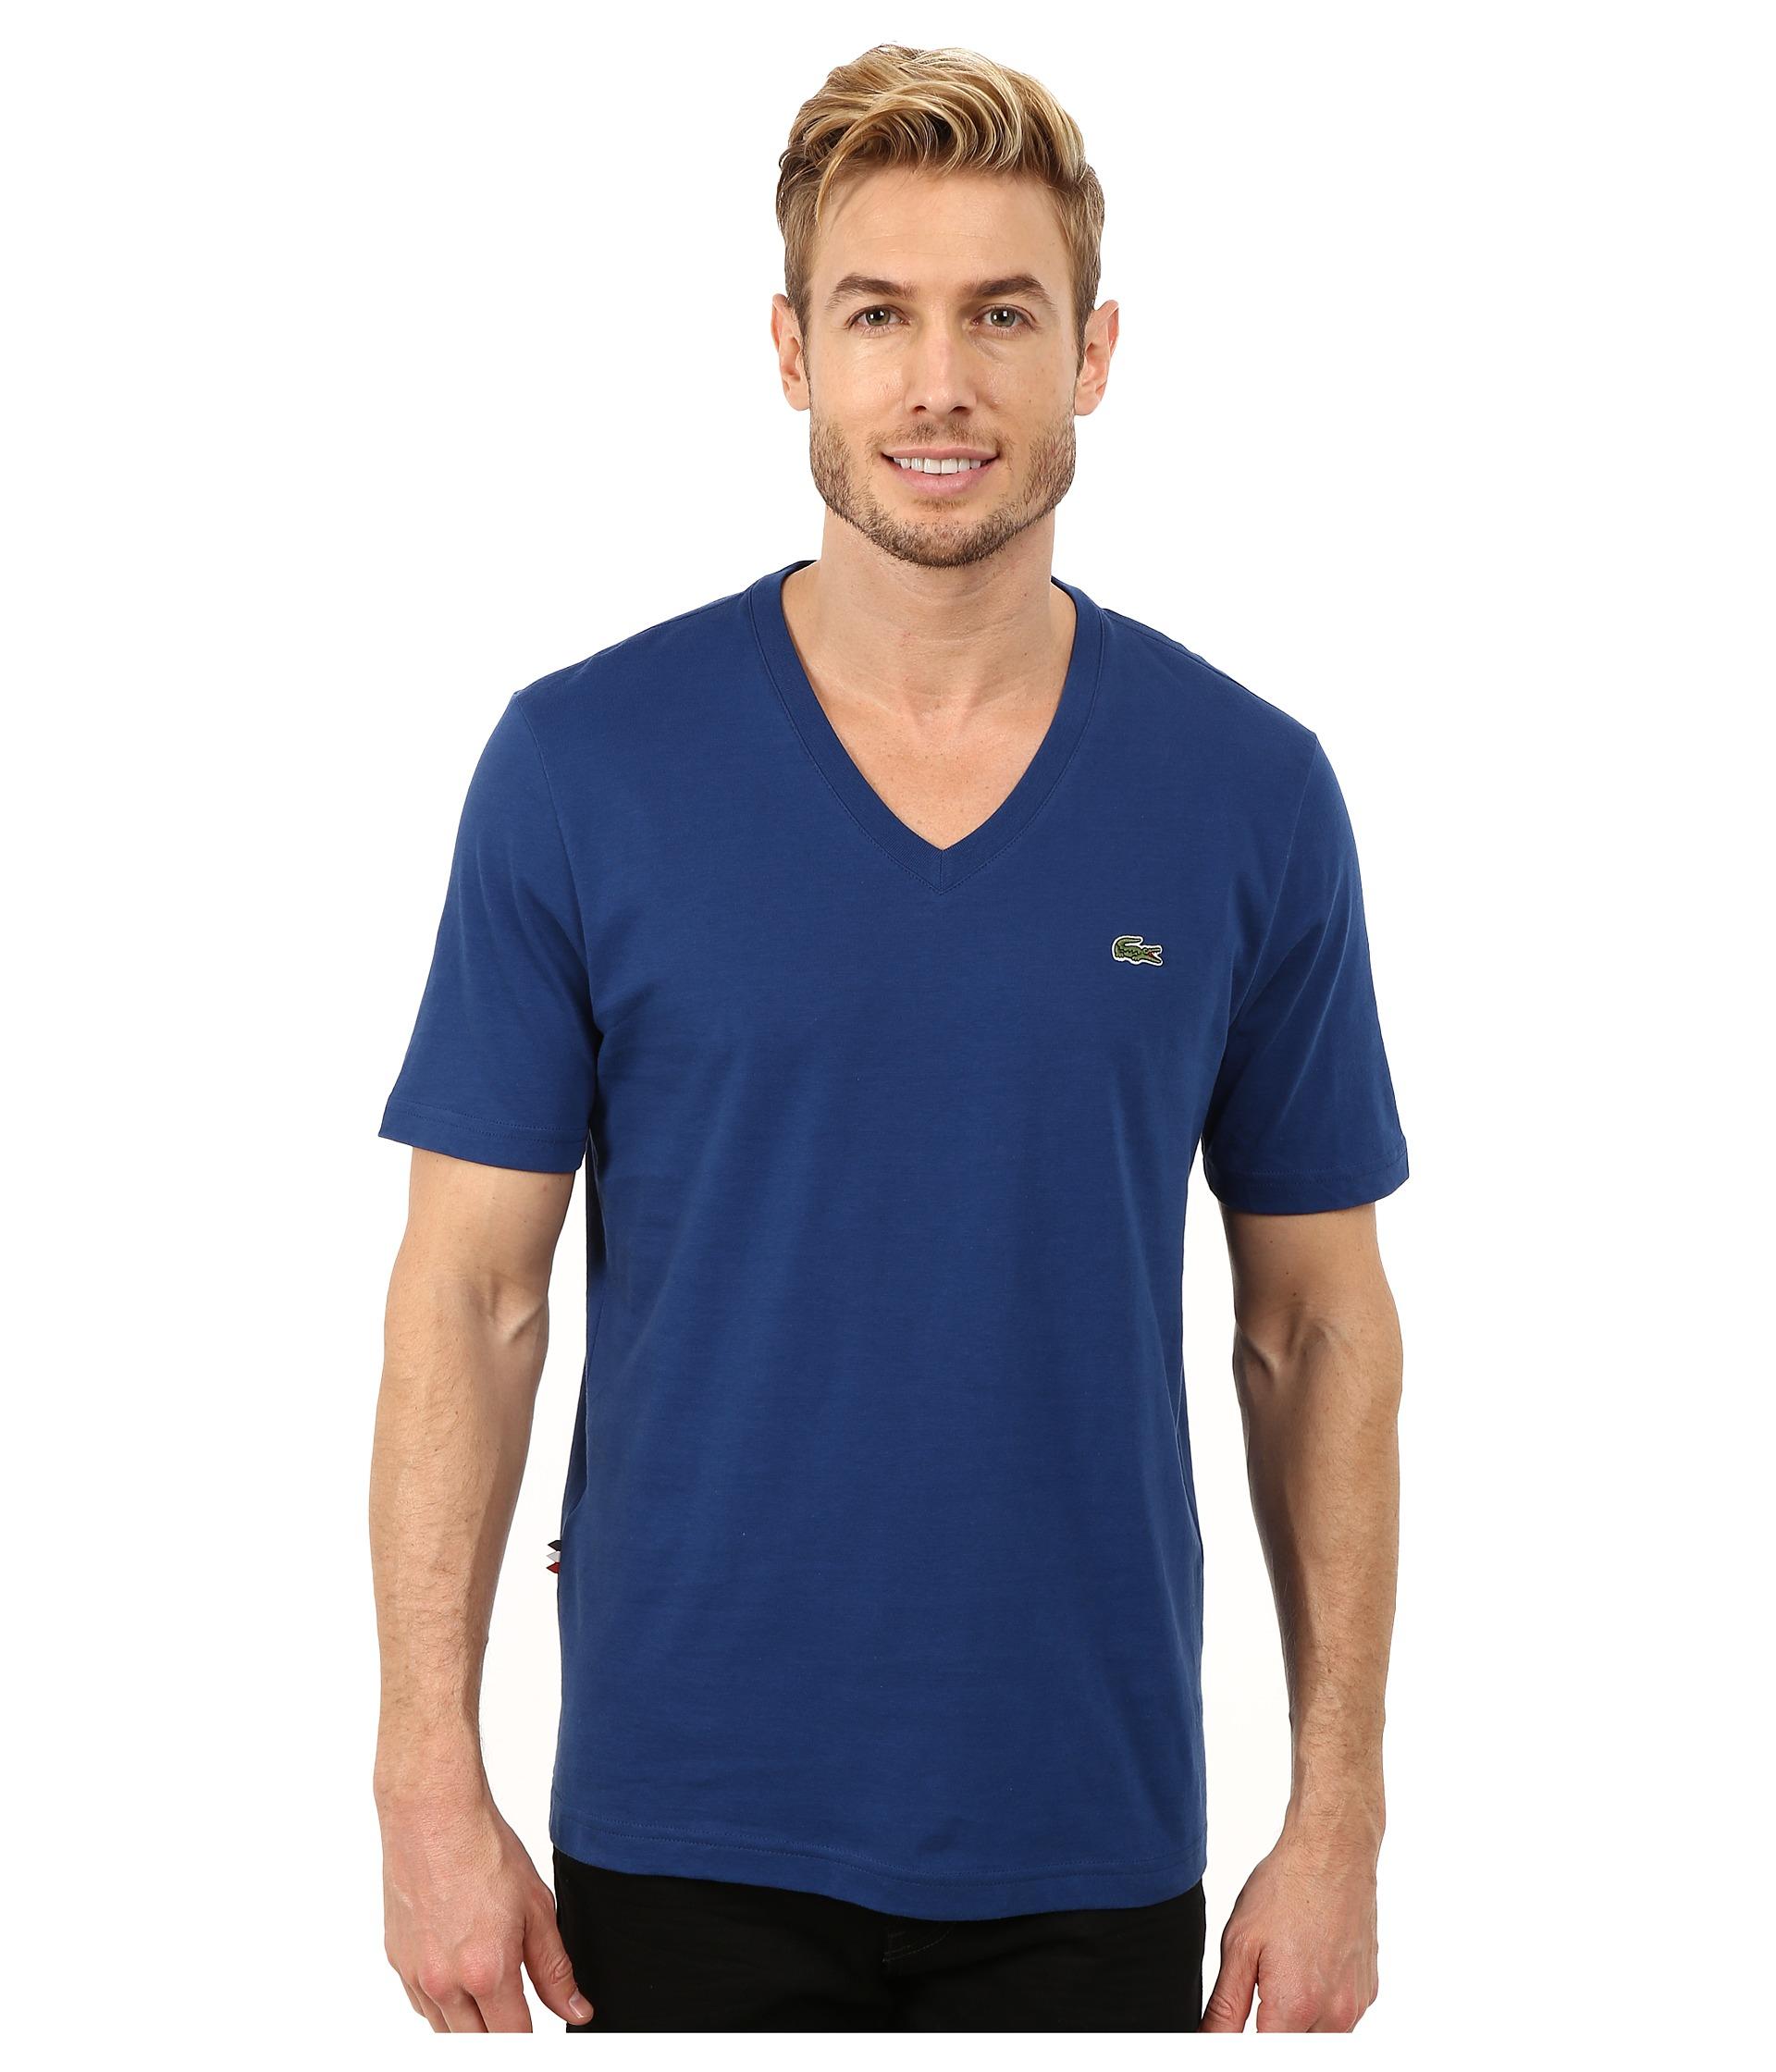 lyst lacoste l ve short sleeve v neck tee shirt in blue. Black Bedroom Furniture Sets. Home Design Ideas